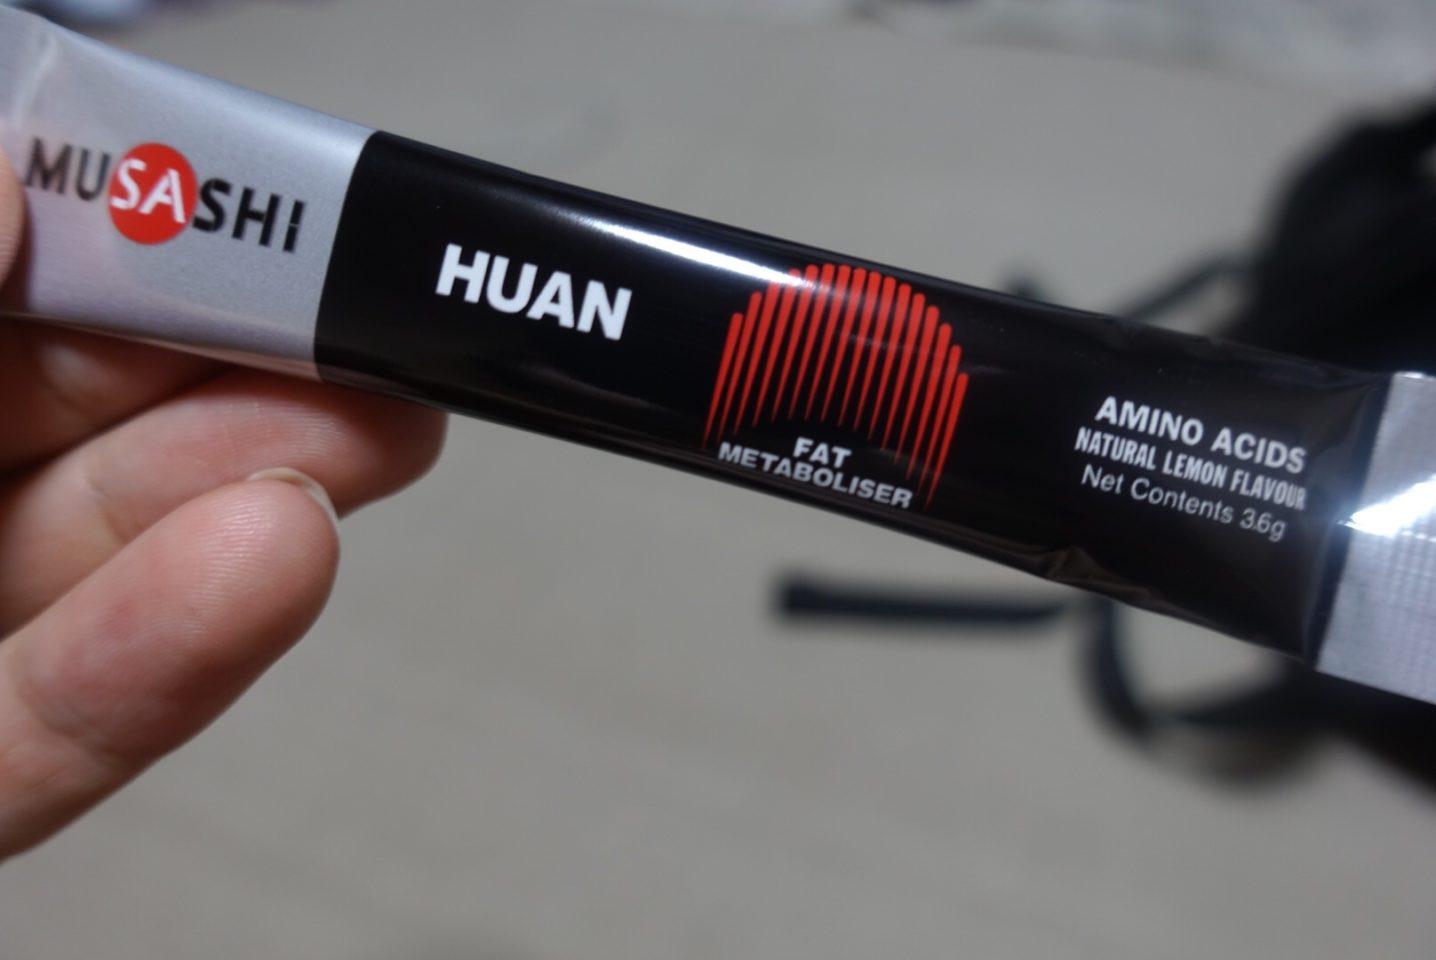 【 実際に使ってみた感想 】MUSASHI HUANの利用方法